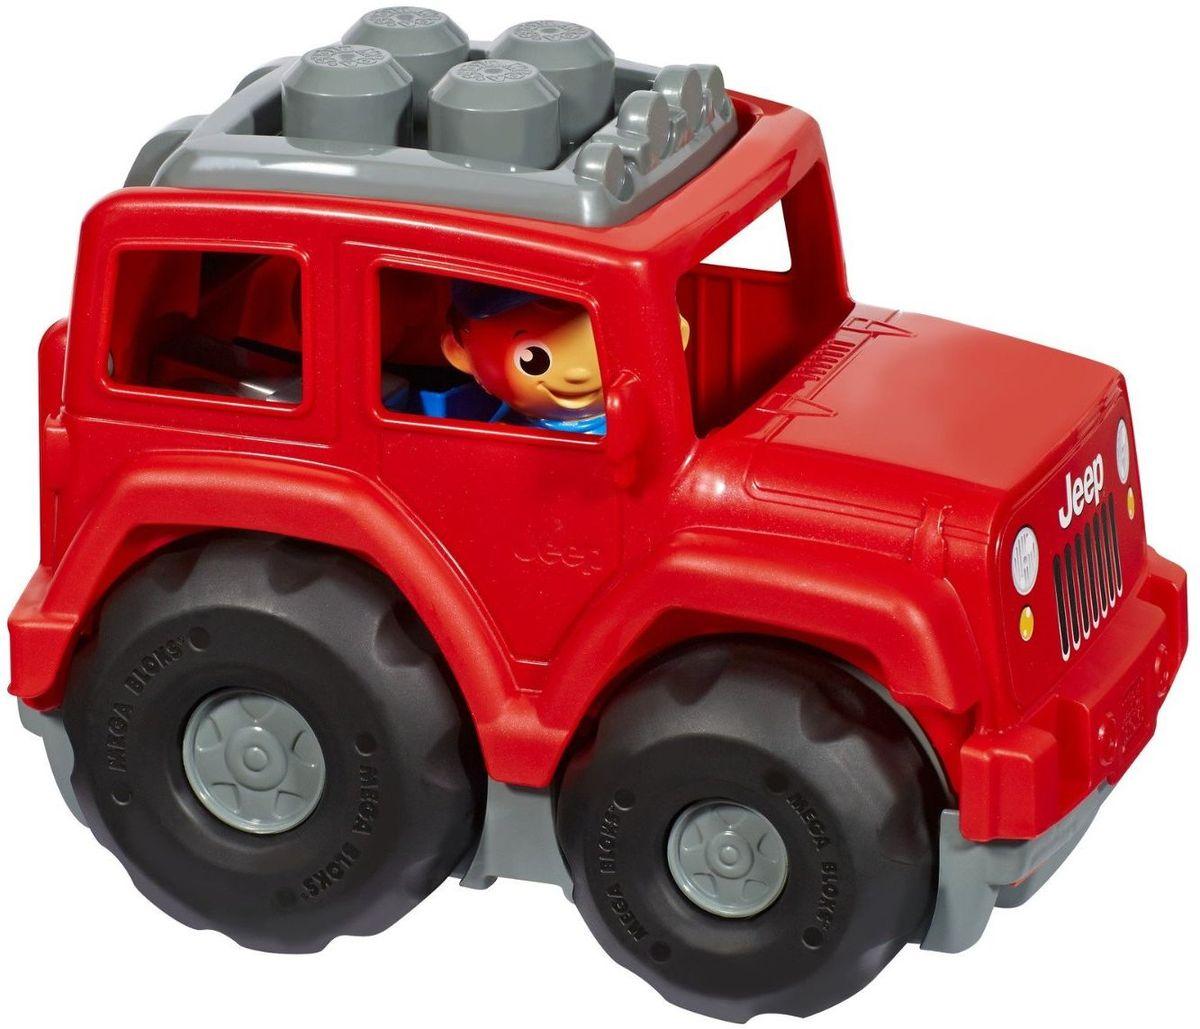 Mega Bloks Конструктор JeepCND61Конструктор Mega Bloks Jeep развеселит любого малыша! Выполнен конструктор в виде красного внедорожника, за рулем которого сидит водитель в синей кепке. Крыша джипа легко открывается, позволяя поместить внутрь 6 блоков из набора. Их также можно прикрепить сверху, чтобы придать машинке неповторимый облик! Пусть ваш ребенок сам создаст джип, с которым будет играть часами. Внедорожник оснащен крупными колесами, имеющими свободный ход. Элементы набора крупные, чем удобны для игры маленькими детскими ручками. Порадуйте своего ребенка такой необыкновенной игрушкой!